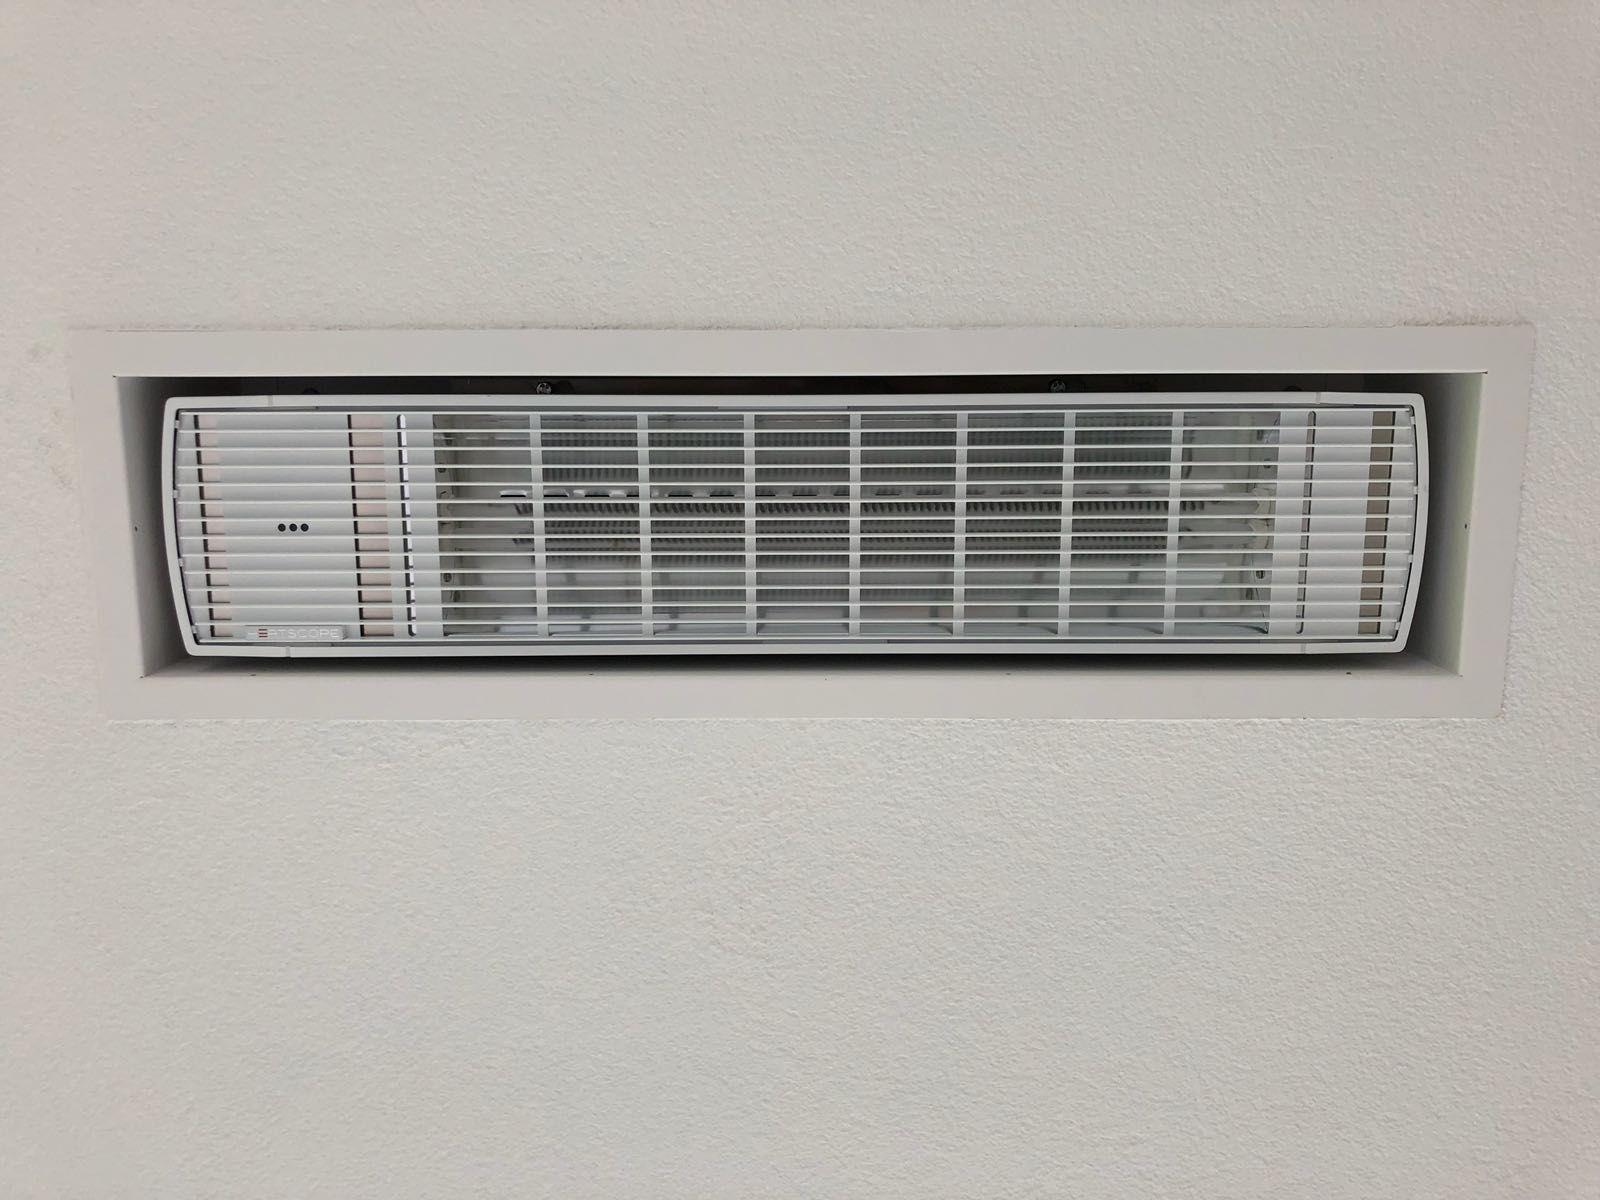 Heatscope Infrarot Heizstrahler Bieten Angenehme Warme Uberall Dort Wo Sie Sich Nur Zeitweise Aufhalten Infrarot Heizstrahler Heizstrahler Terrassendach